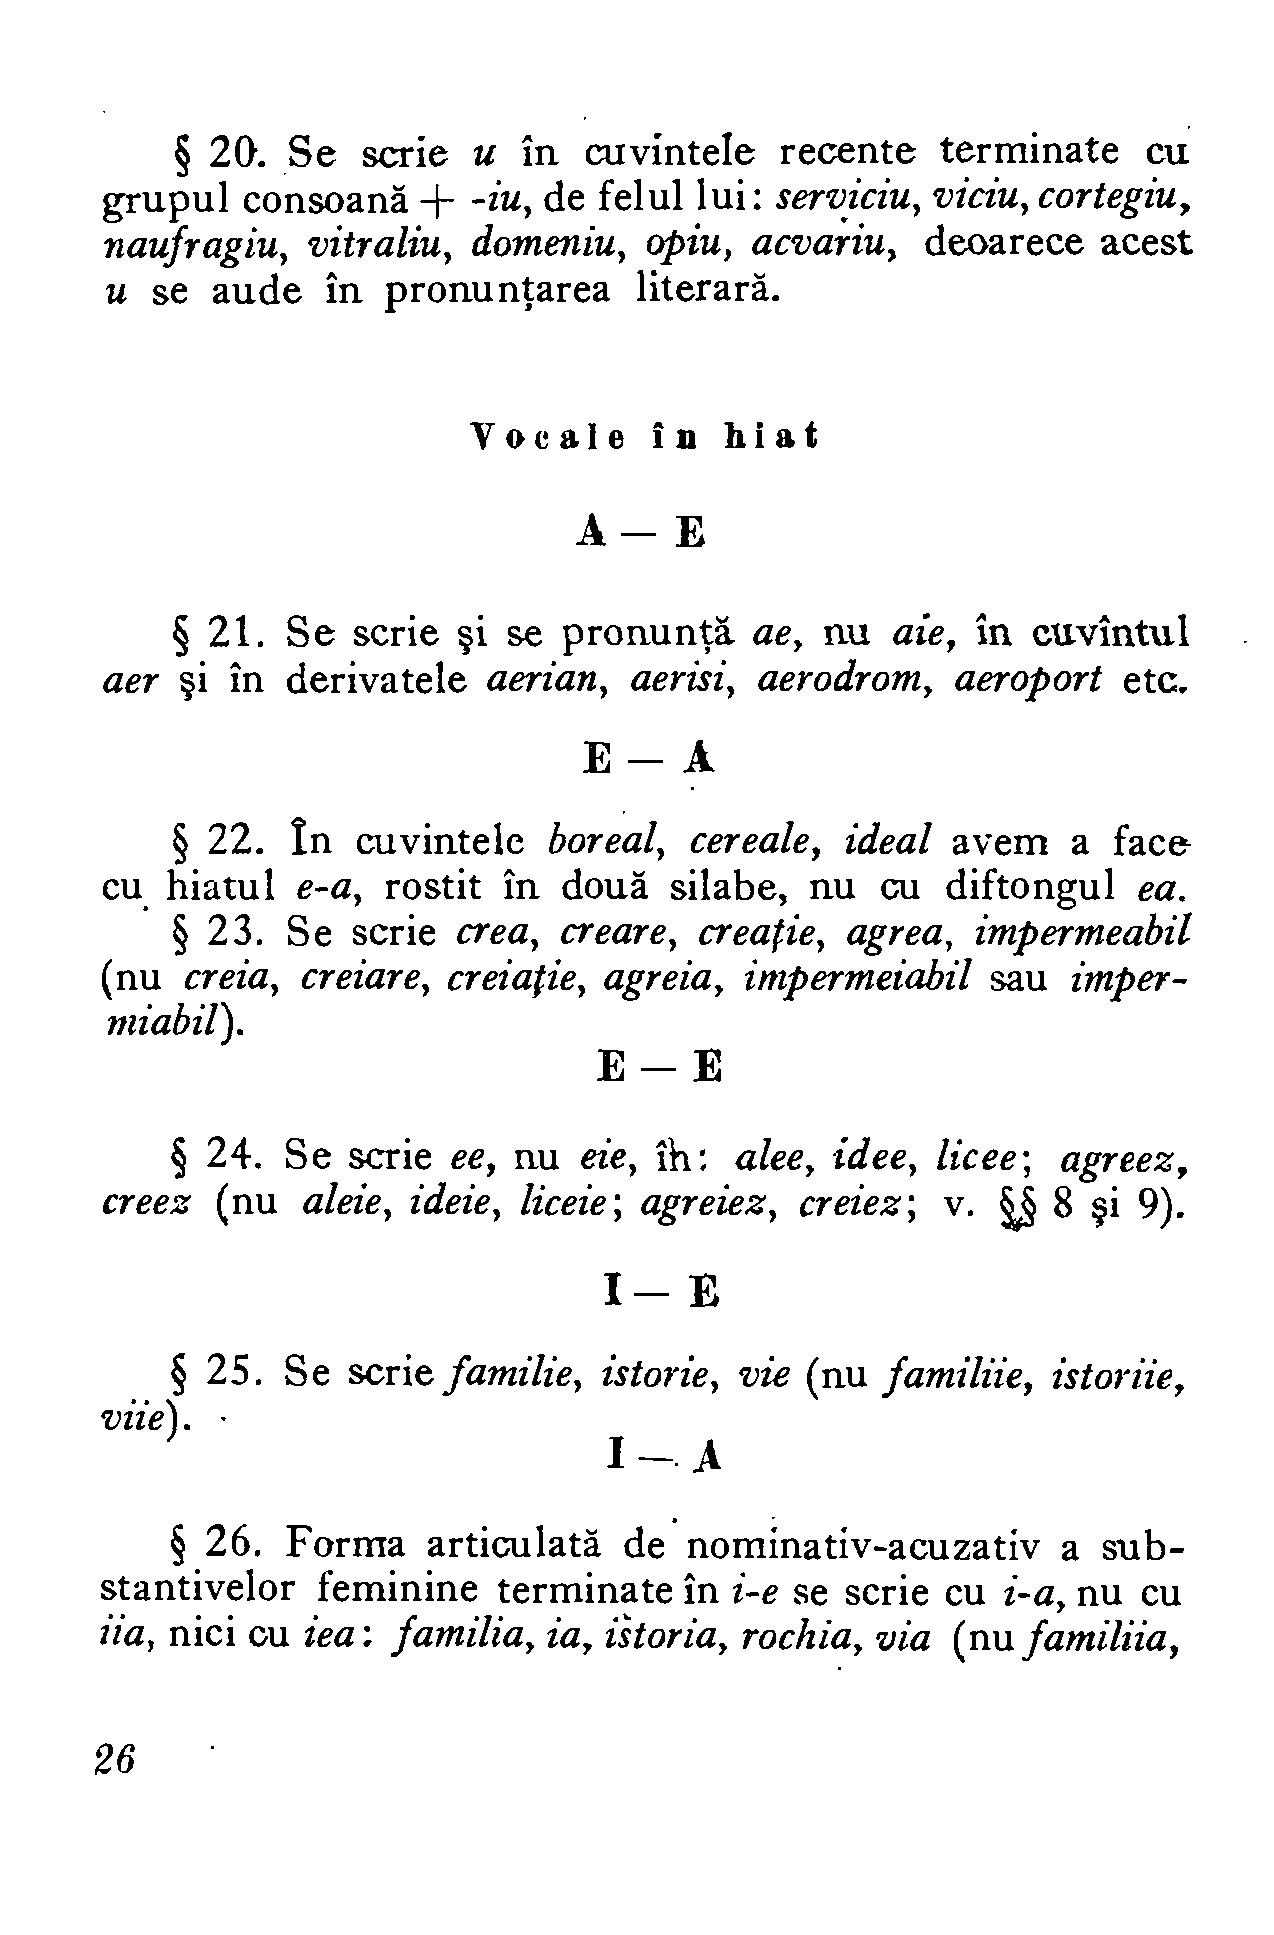 1954 - Mic dicționar ortografic (24).png